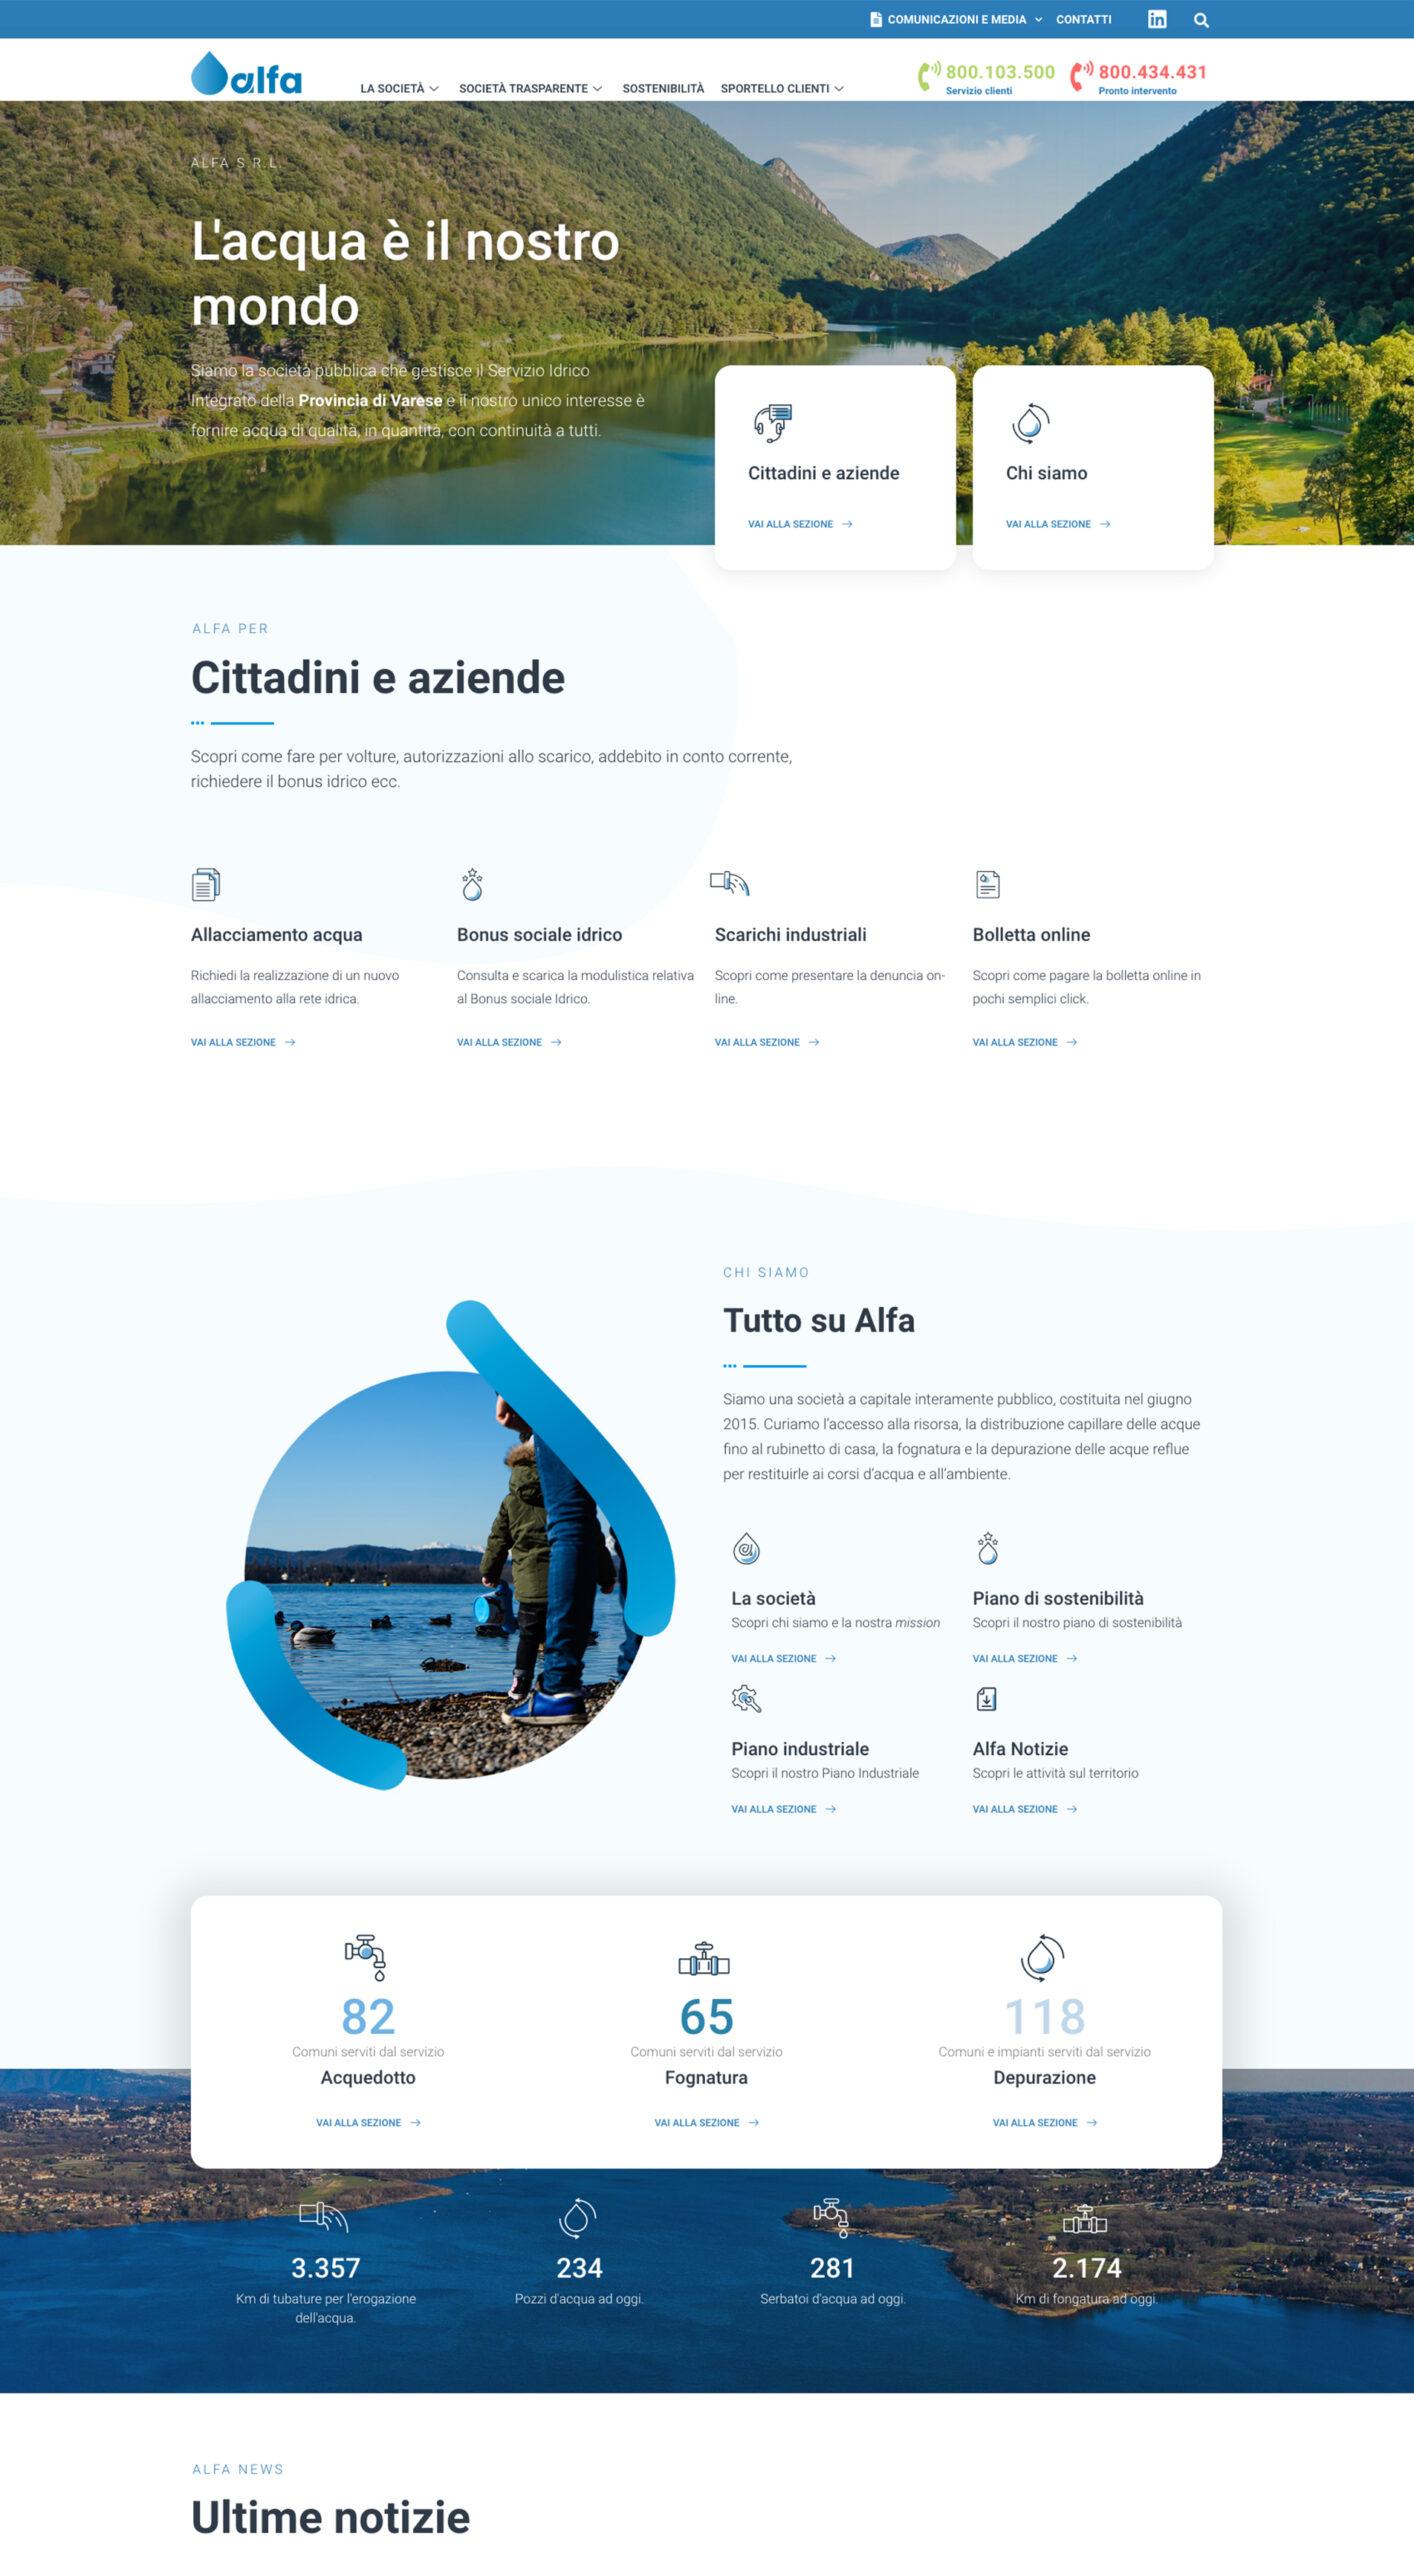 sito web alfavarese desktop e mobile